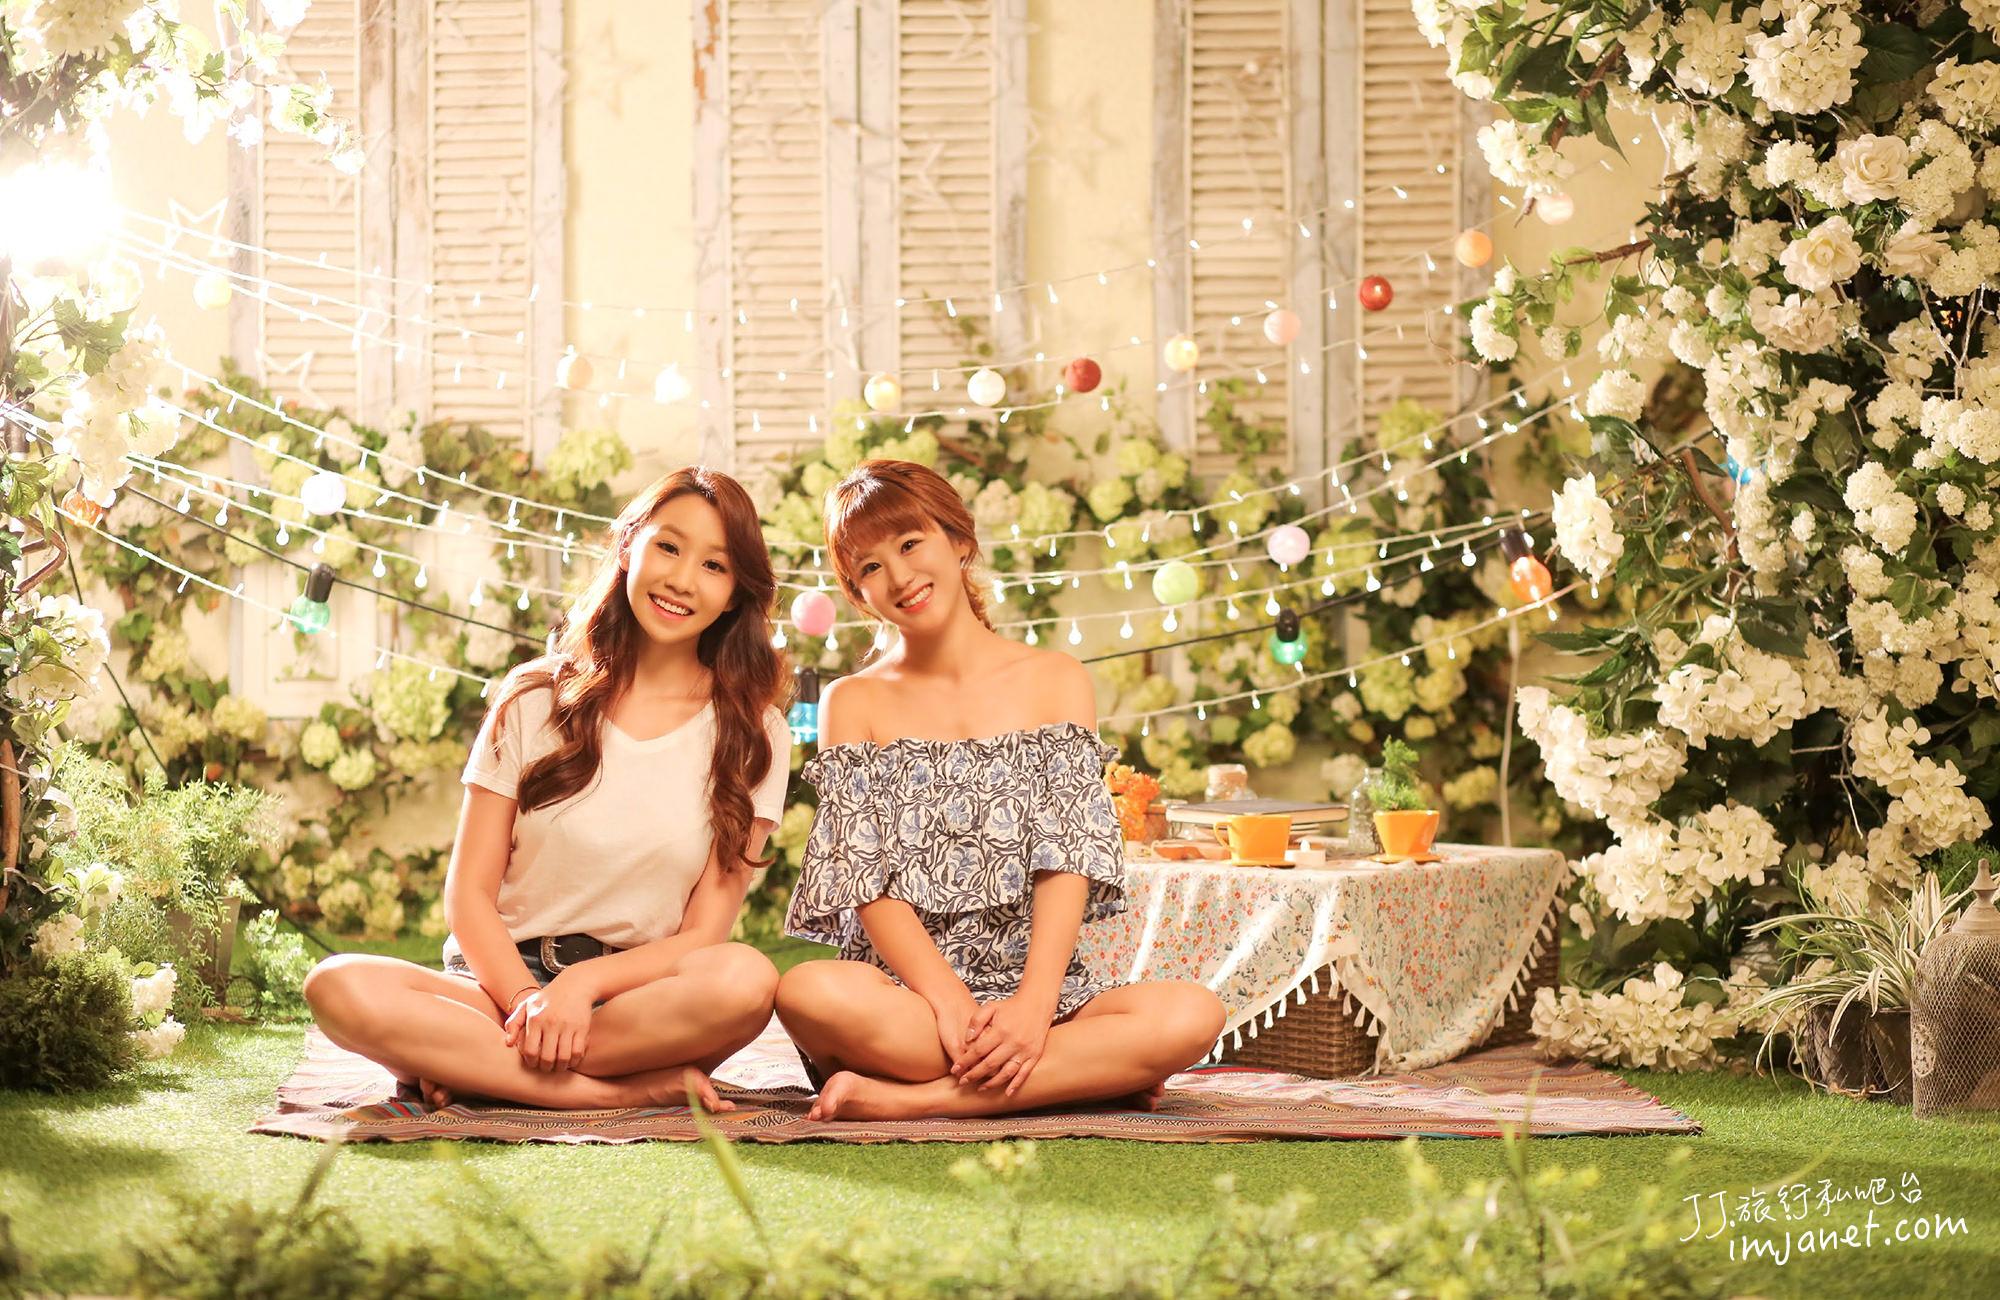 首爾|華麗攝影棚中拍攝閨蜜寫真,女子喜愛的韓風細膩感